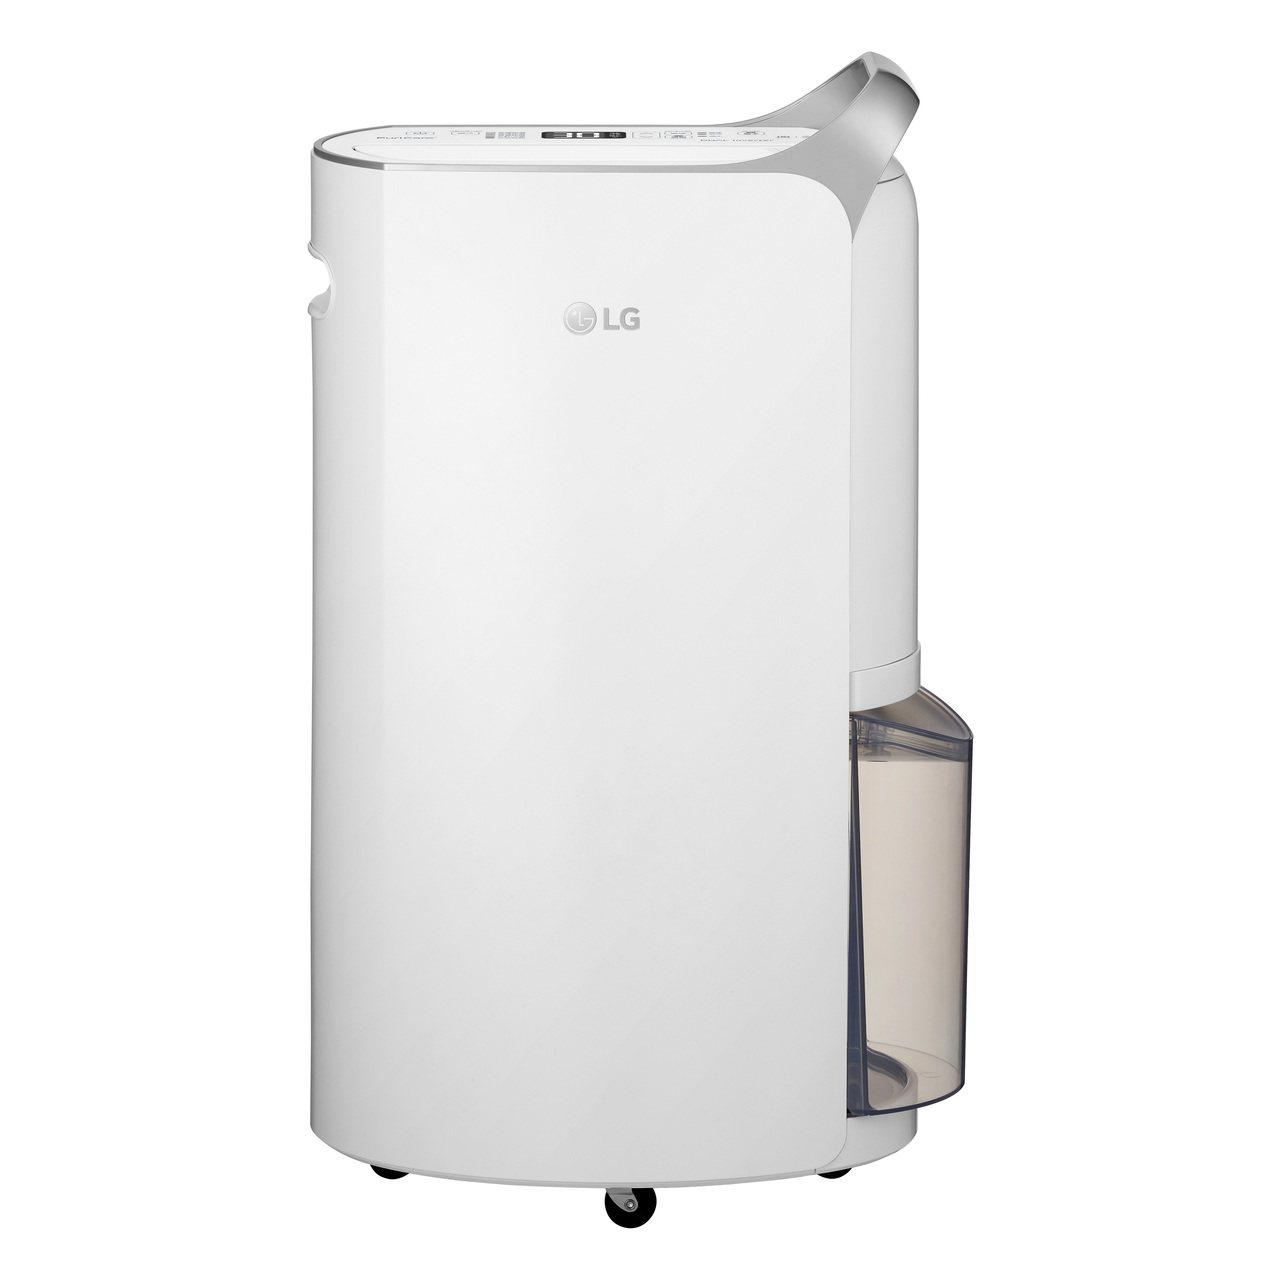 LG推出符合2018年能源效率一級標準的變頻除濕機,節能升級20%。圖/台灣LG...